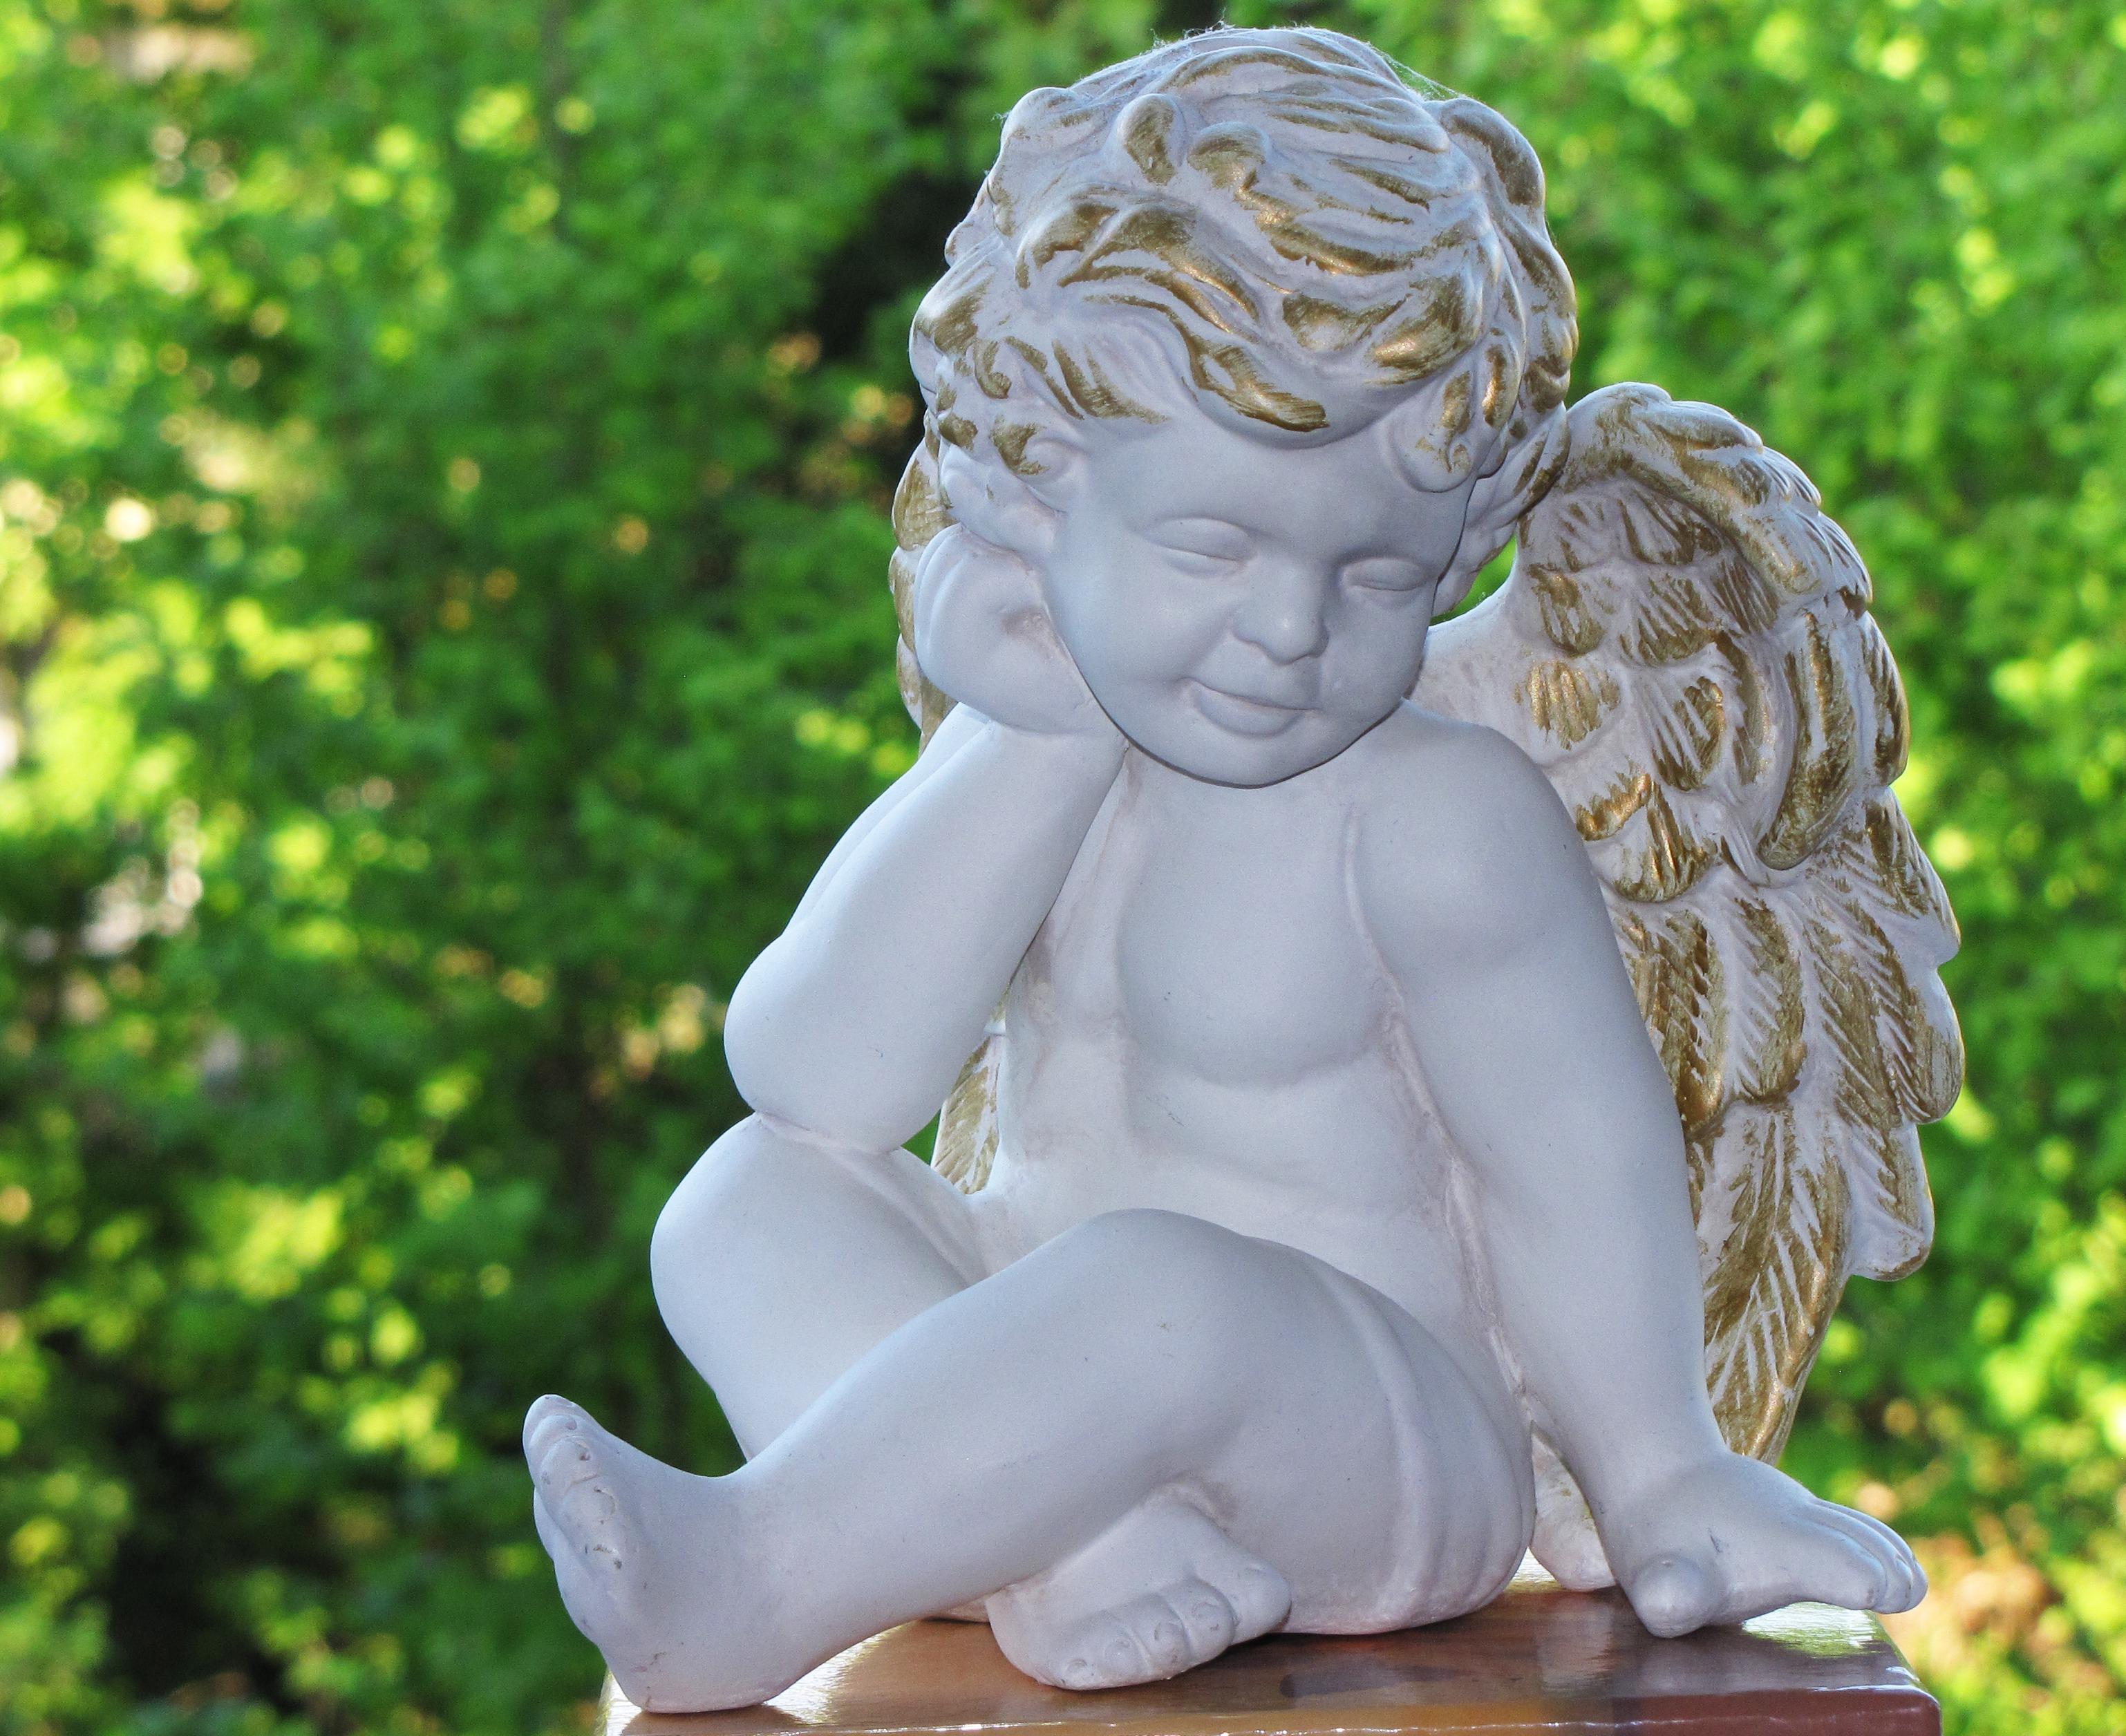 97252 Hintergrundbild herunterladen Engel, Verschiedenes, Sonstige, Statuette, Harmonie - Bildschirmschoner und Bilder kostenlos